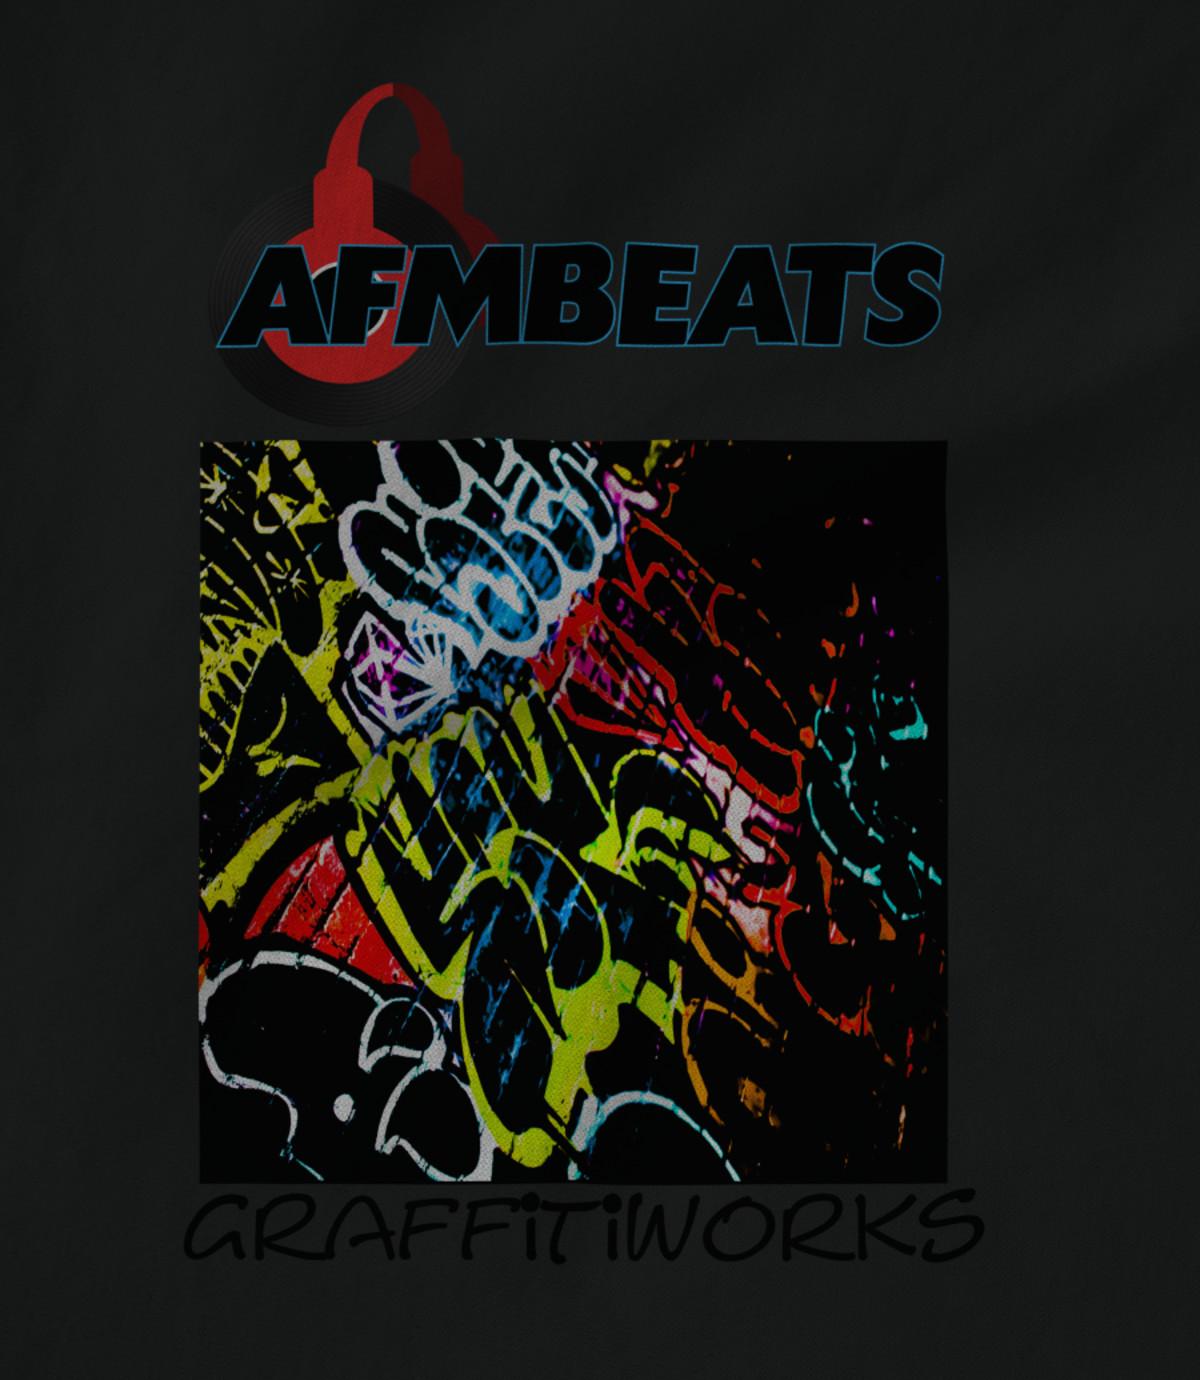 Afmbeats afmbeats  graffitiworks  1555134521